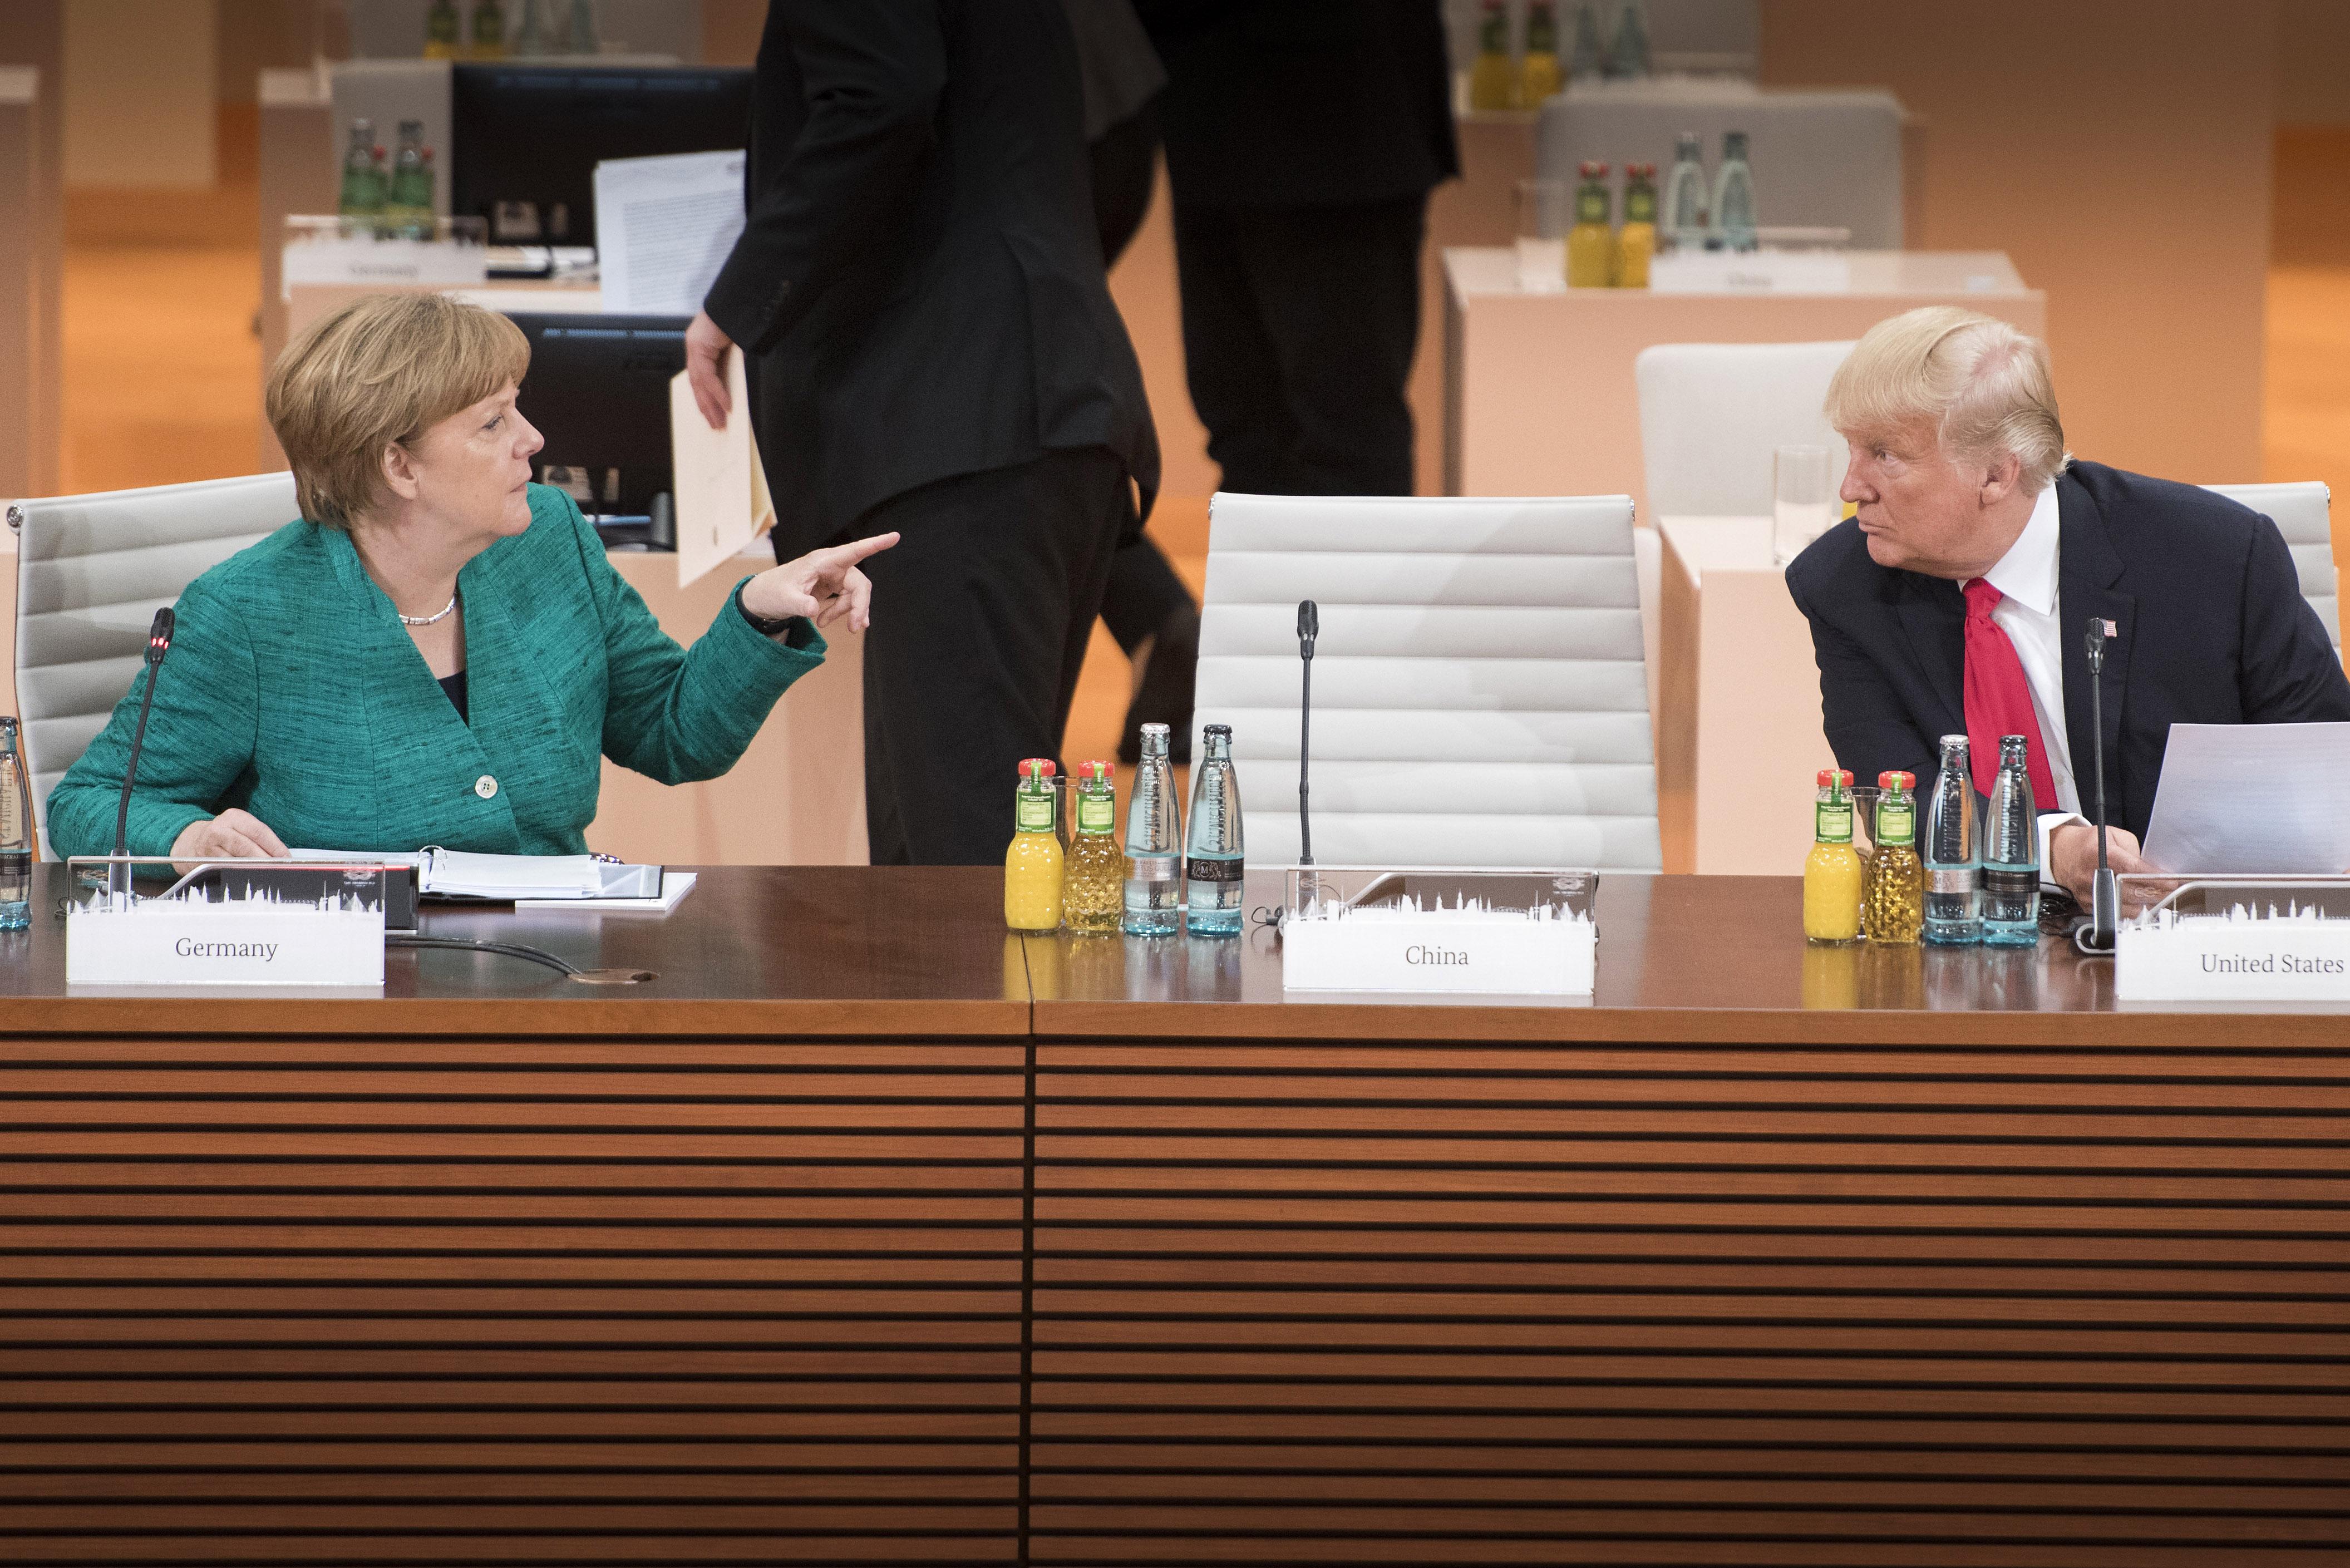 G20 isola EUA ao afirmar que Acordo de Paris é irreversível